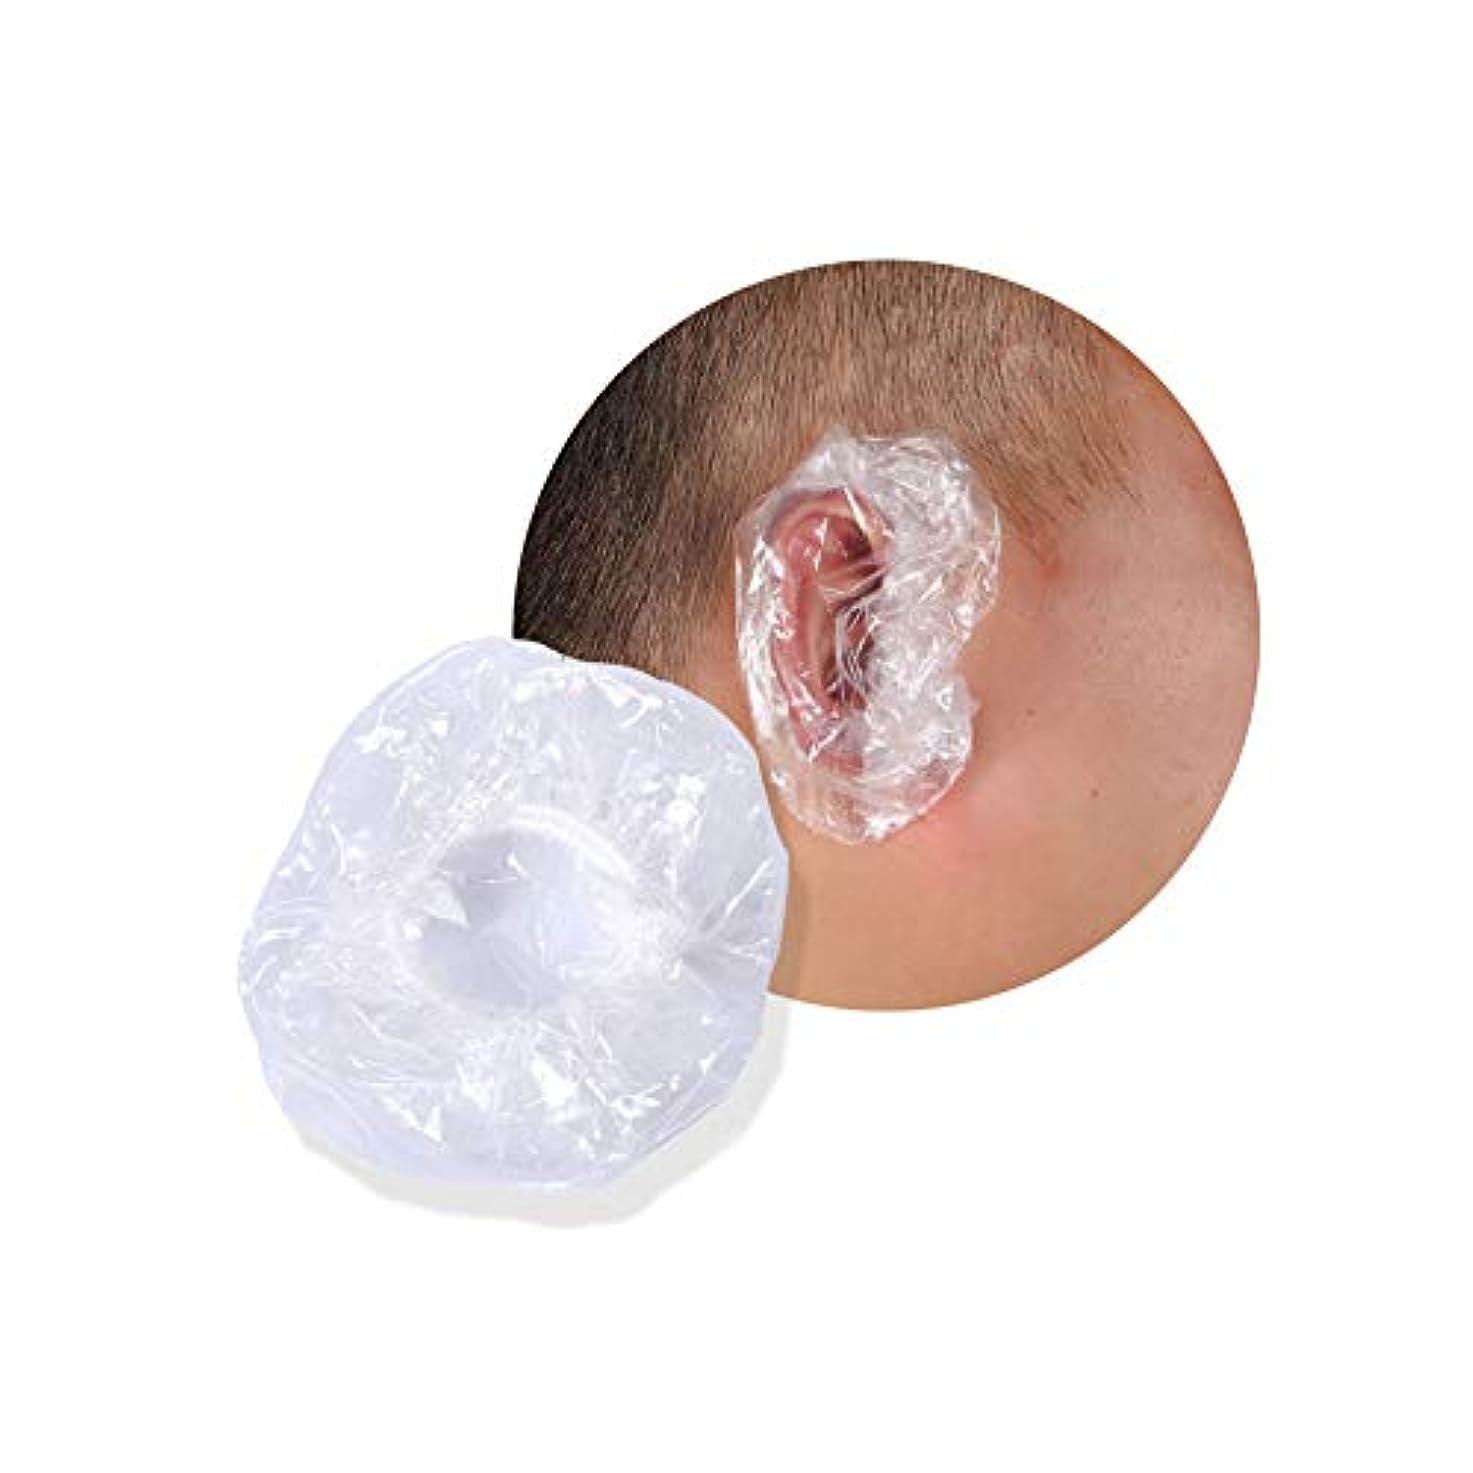 シャープコンピューターゲームをプレイするブラジャーイヤーキャップ 使い捨て 簡単 装着 透明 ビニール 耳 保護 カバー 毛染め パーマ 縮毛矯正 シャンプー トリートメント 100個入り